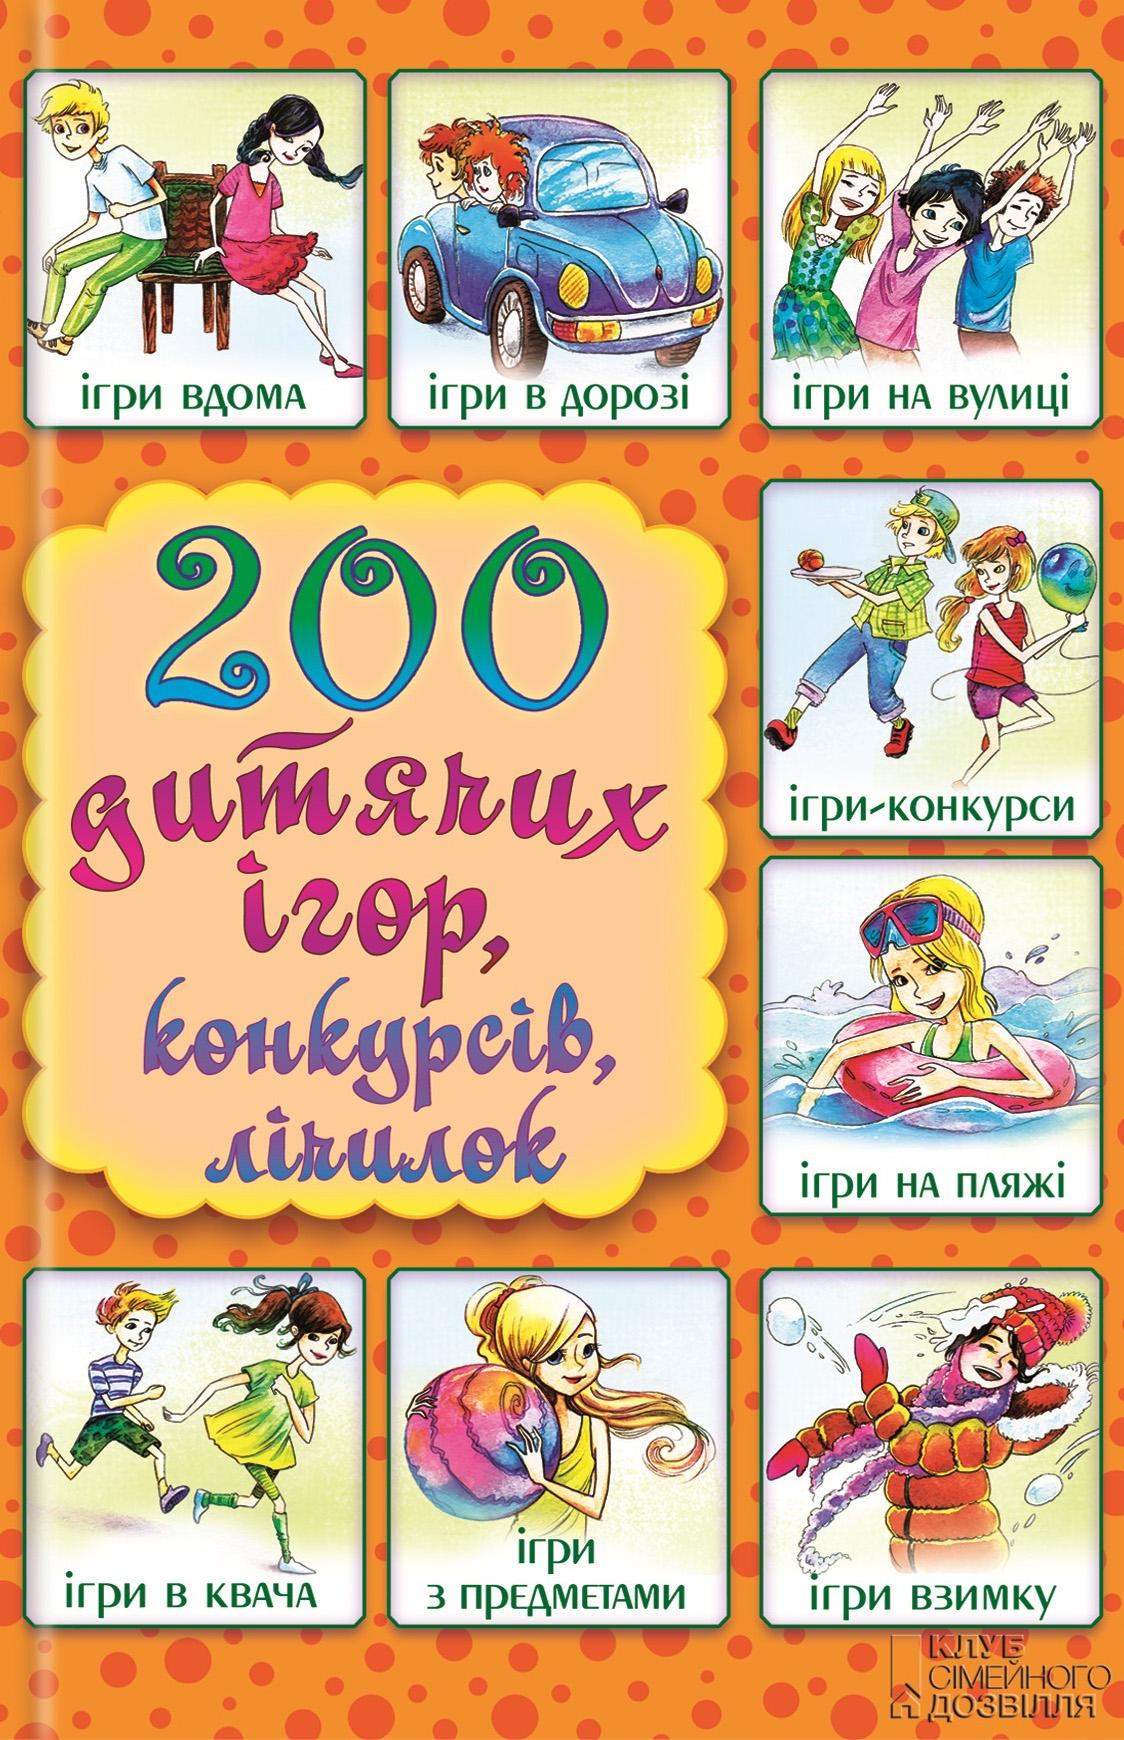 Отсутствует 200 дитячих ігор, конкурсів, лічилок брекке й царствие благодати